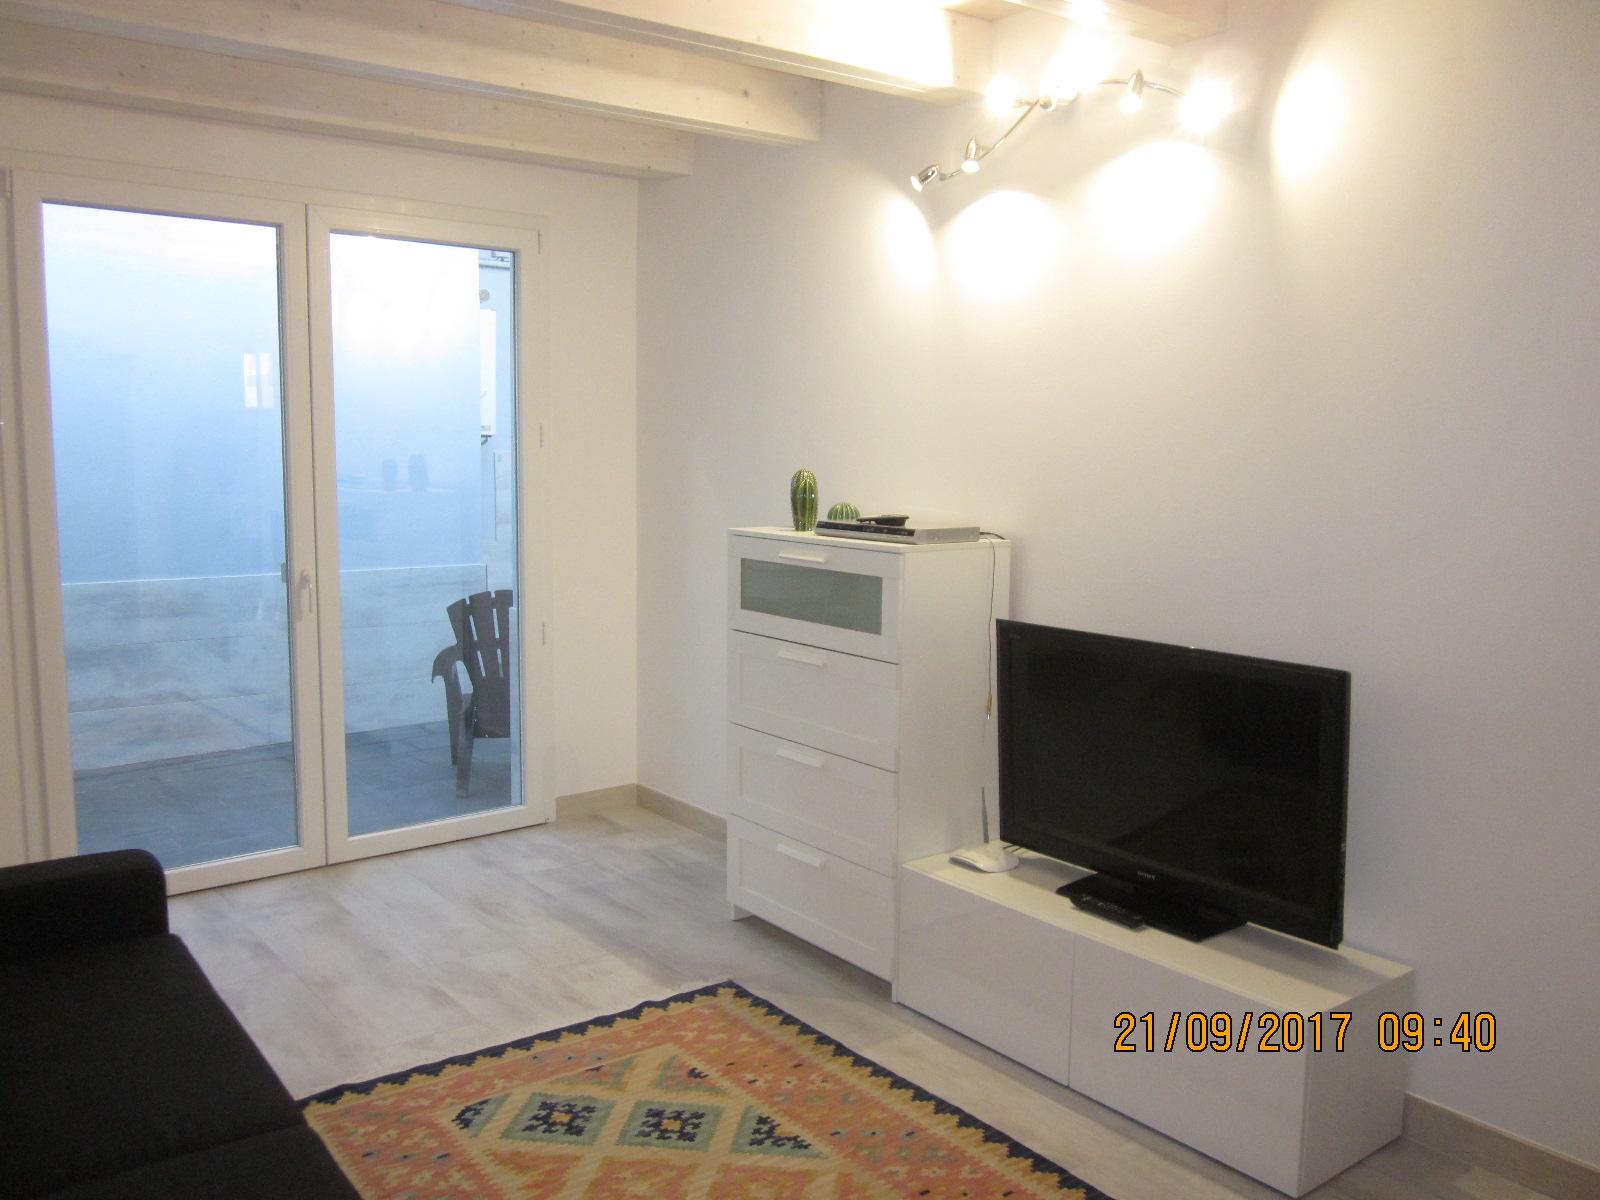 appartamento in affitto a viareggio cod. vgc172